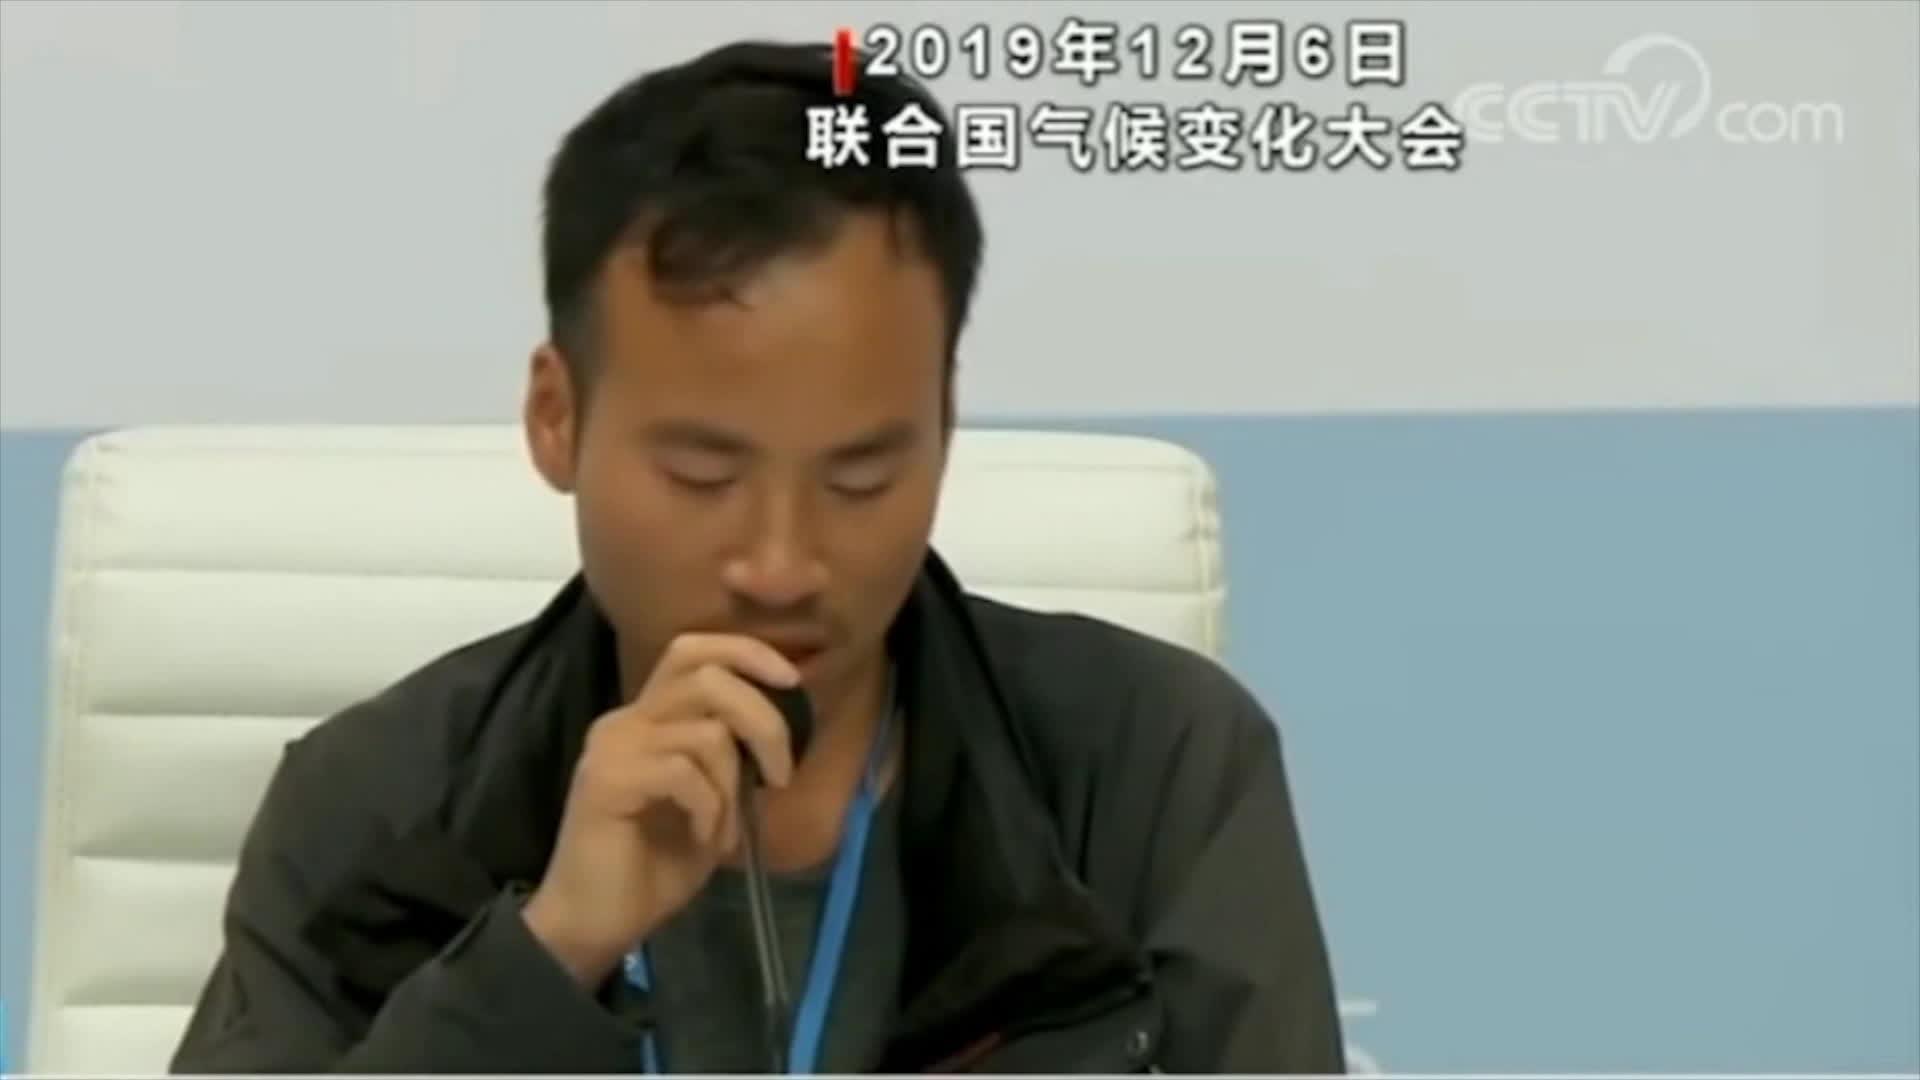 64秒|西藏冒险王王相军遭谋杀?警方最新通报:系意外落水失踪 网传质疑无事实依据